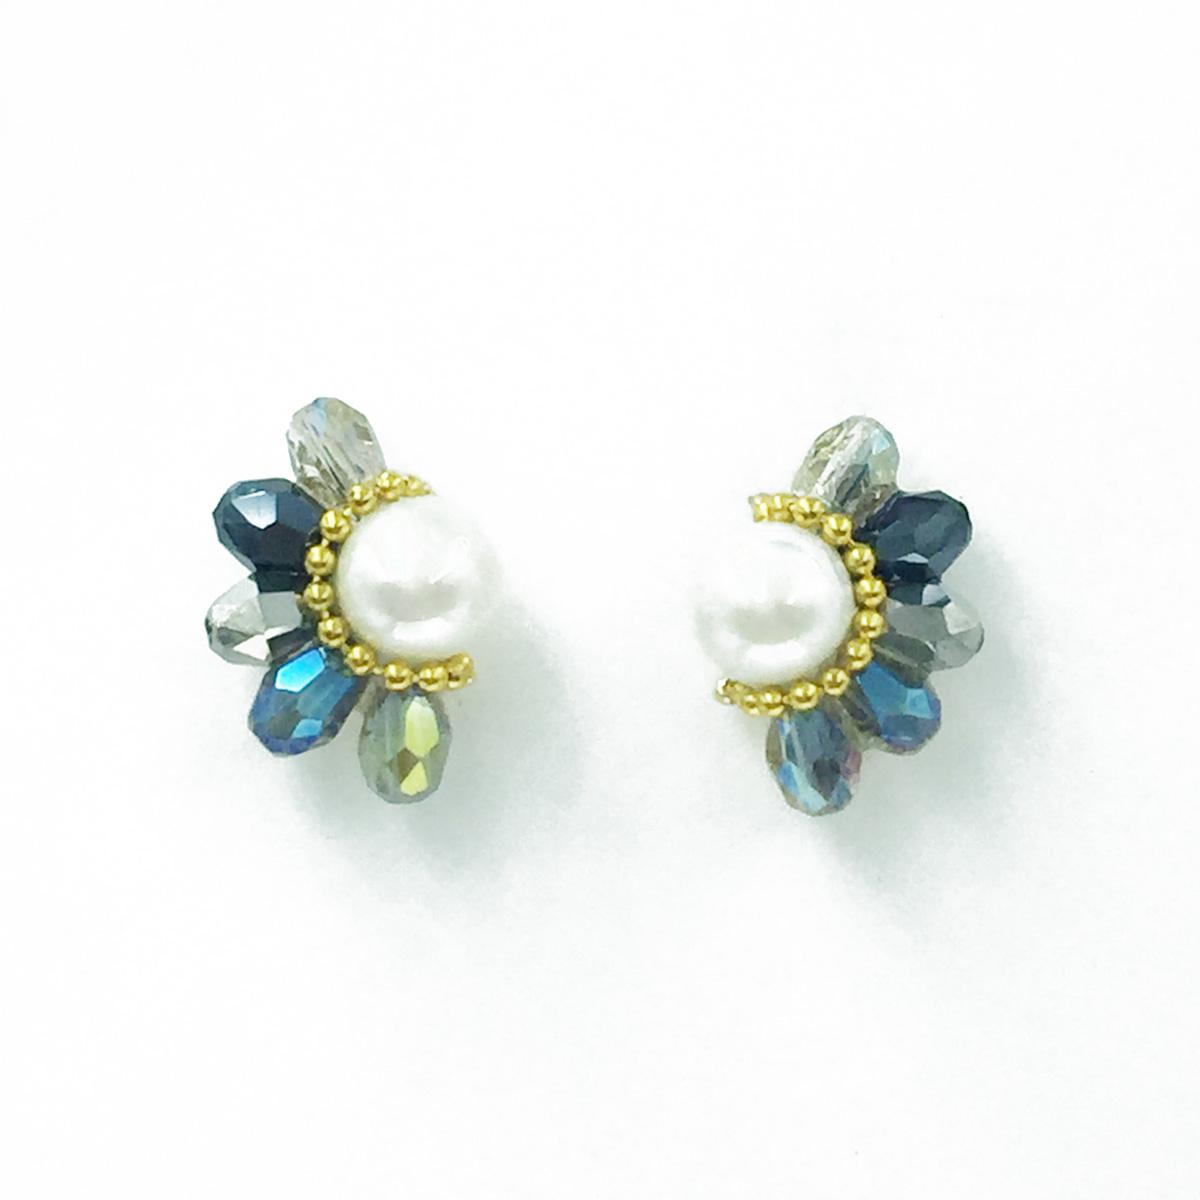 韓國 925純銀 珍珠 小金珠 寶石 優雅款 耳針式耳環